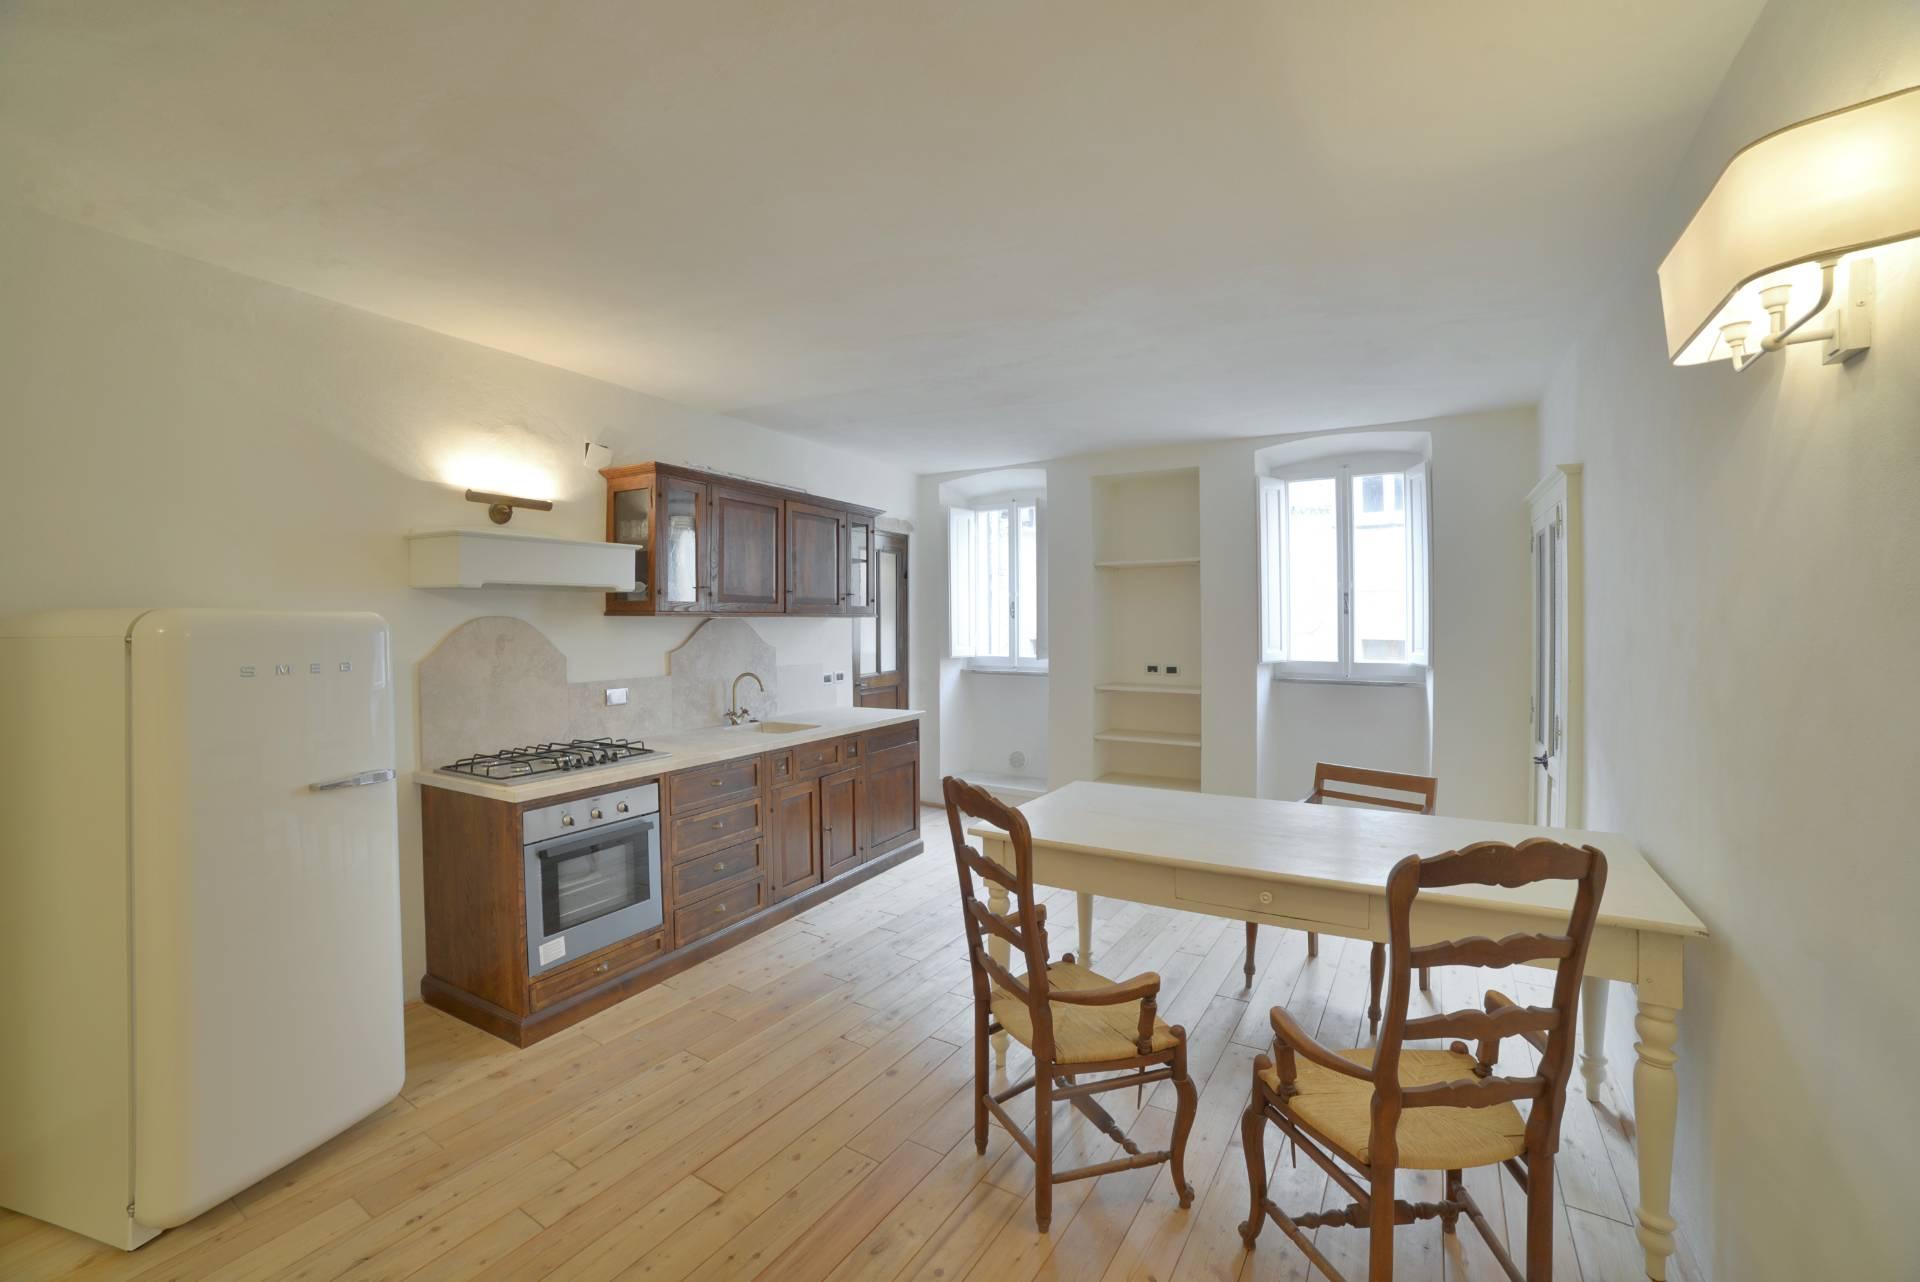 Appartamento in vendita a Volterra, 3 locali, prezzo € 115.000 | CambioCasa.it